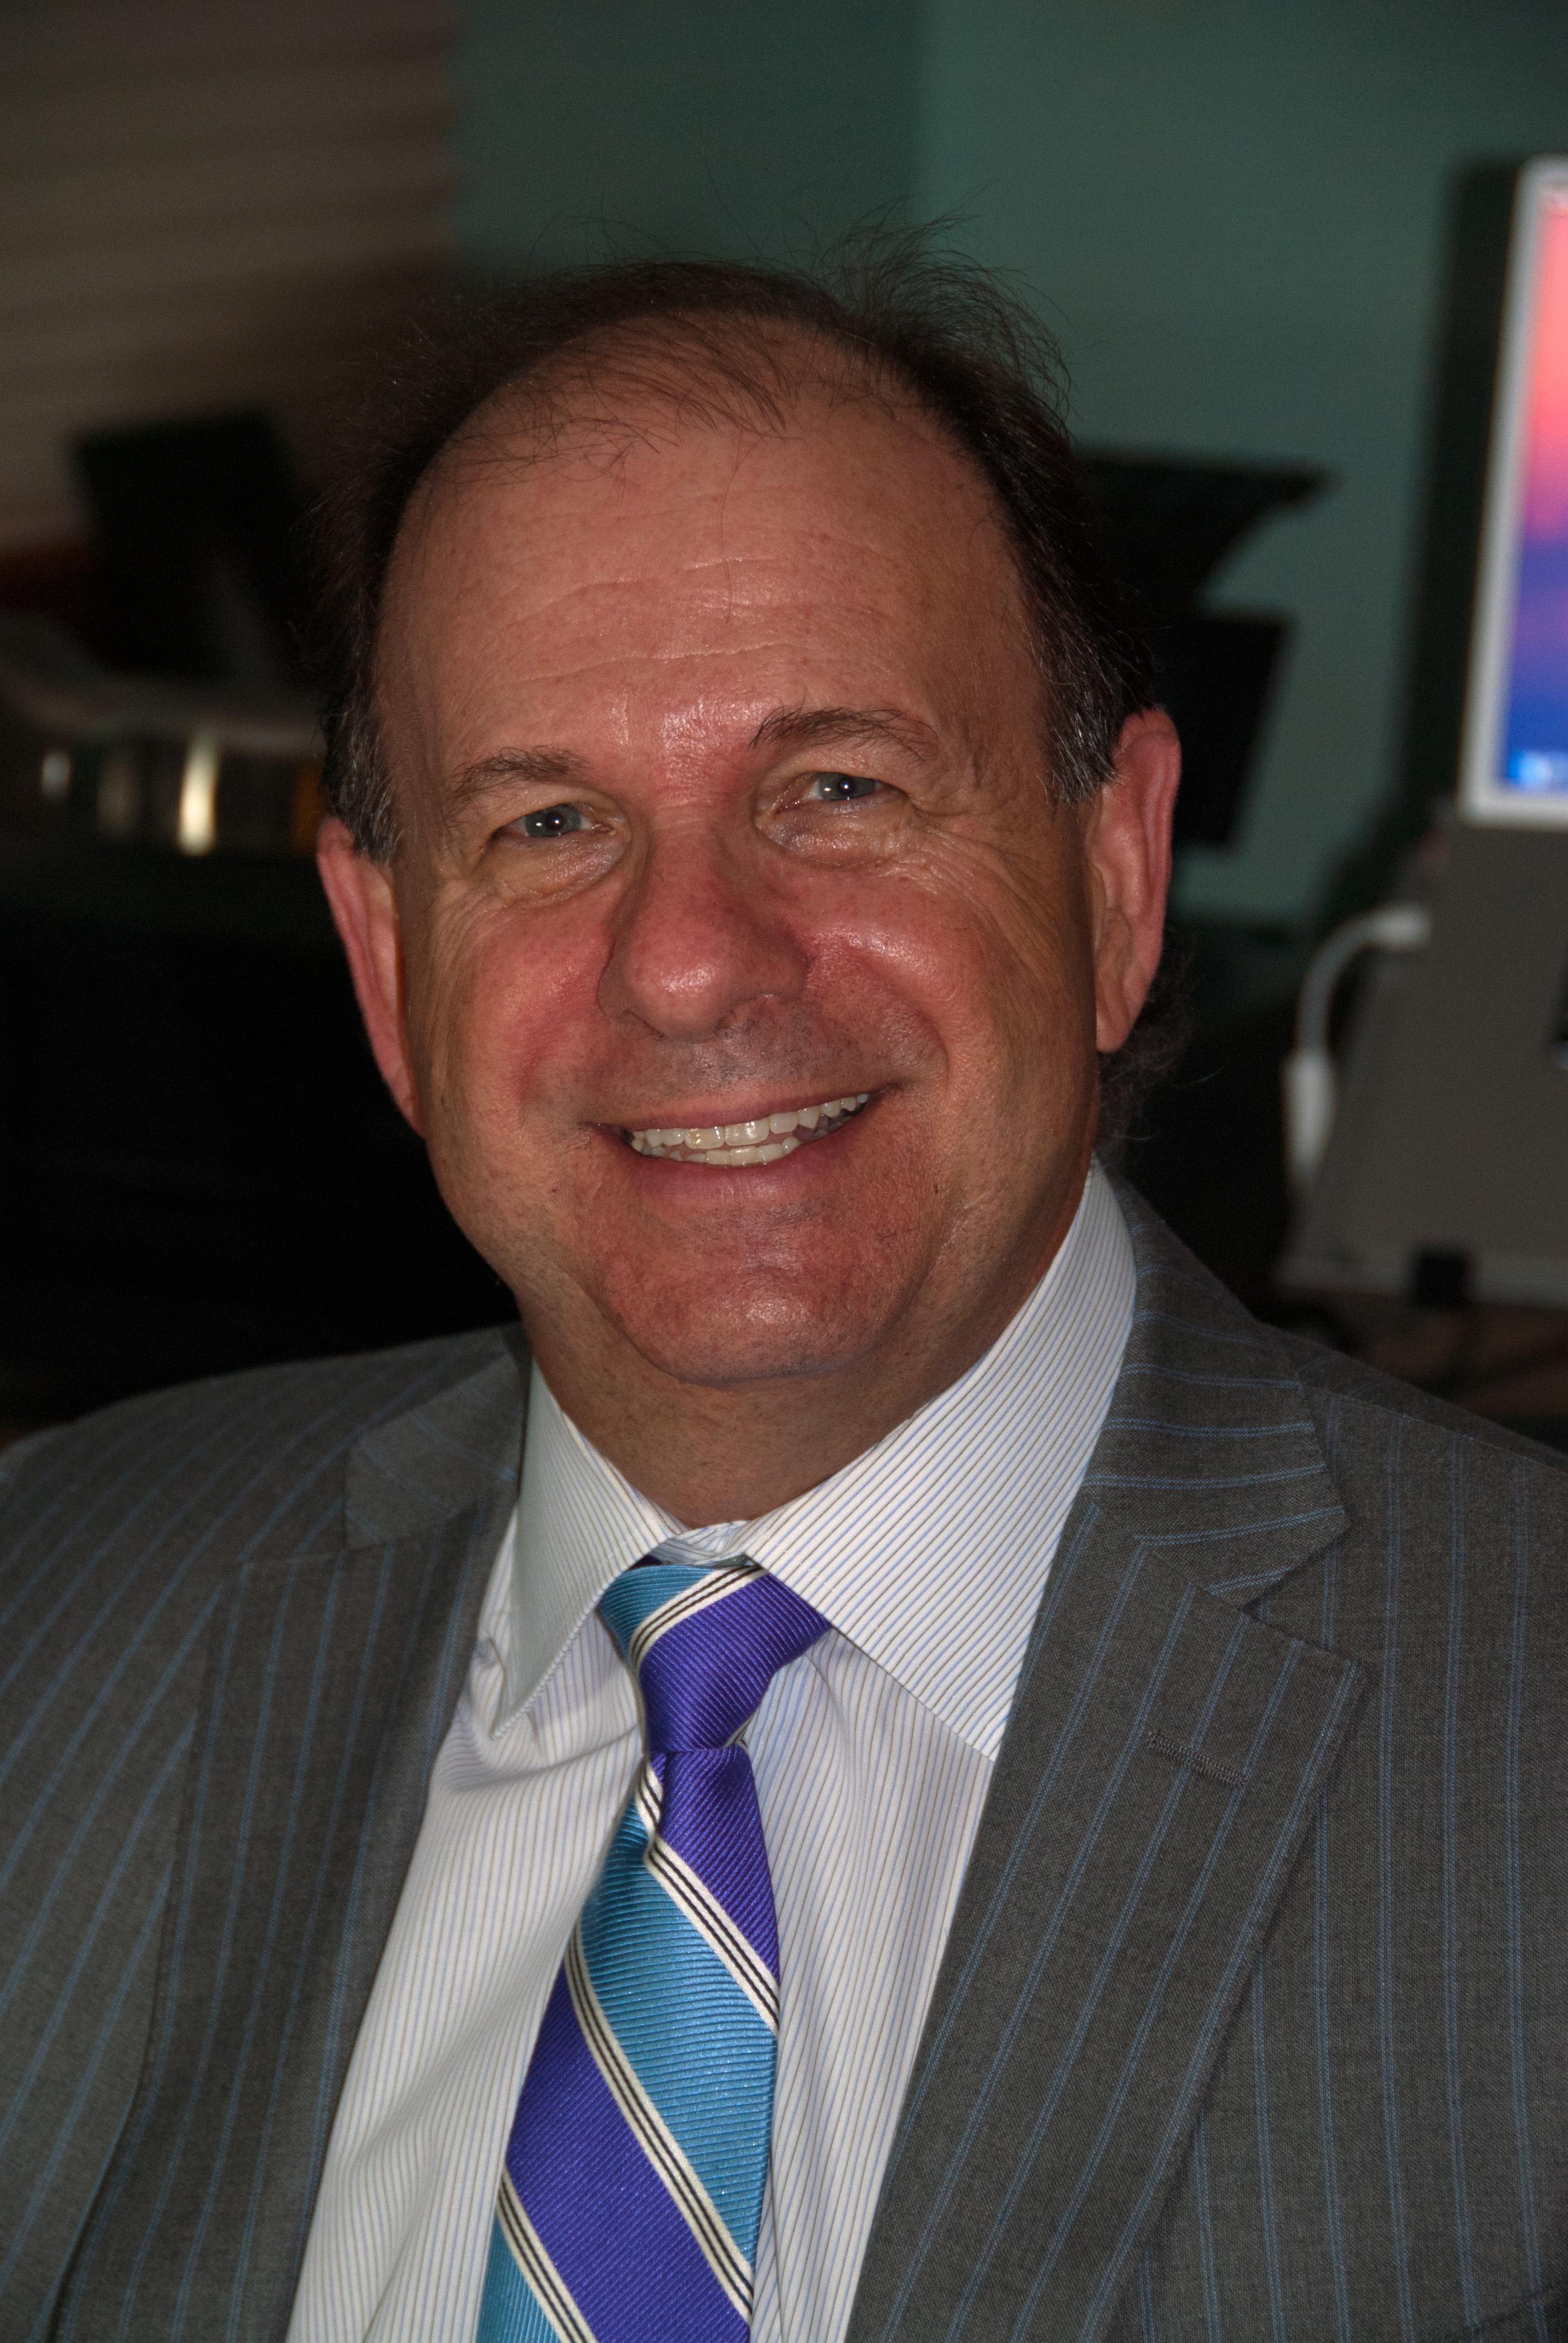 David Lanter